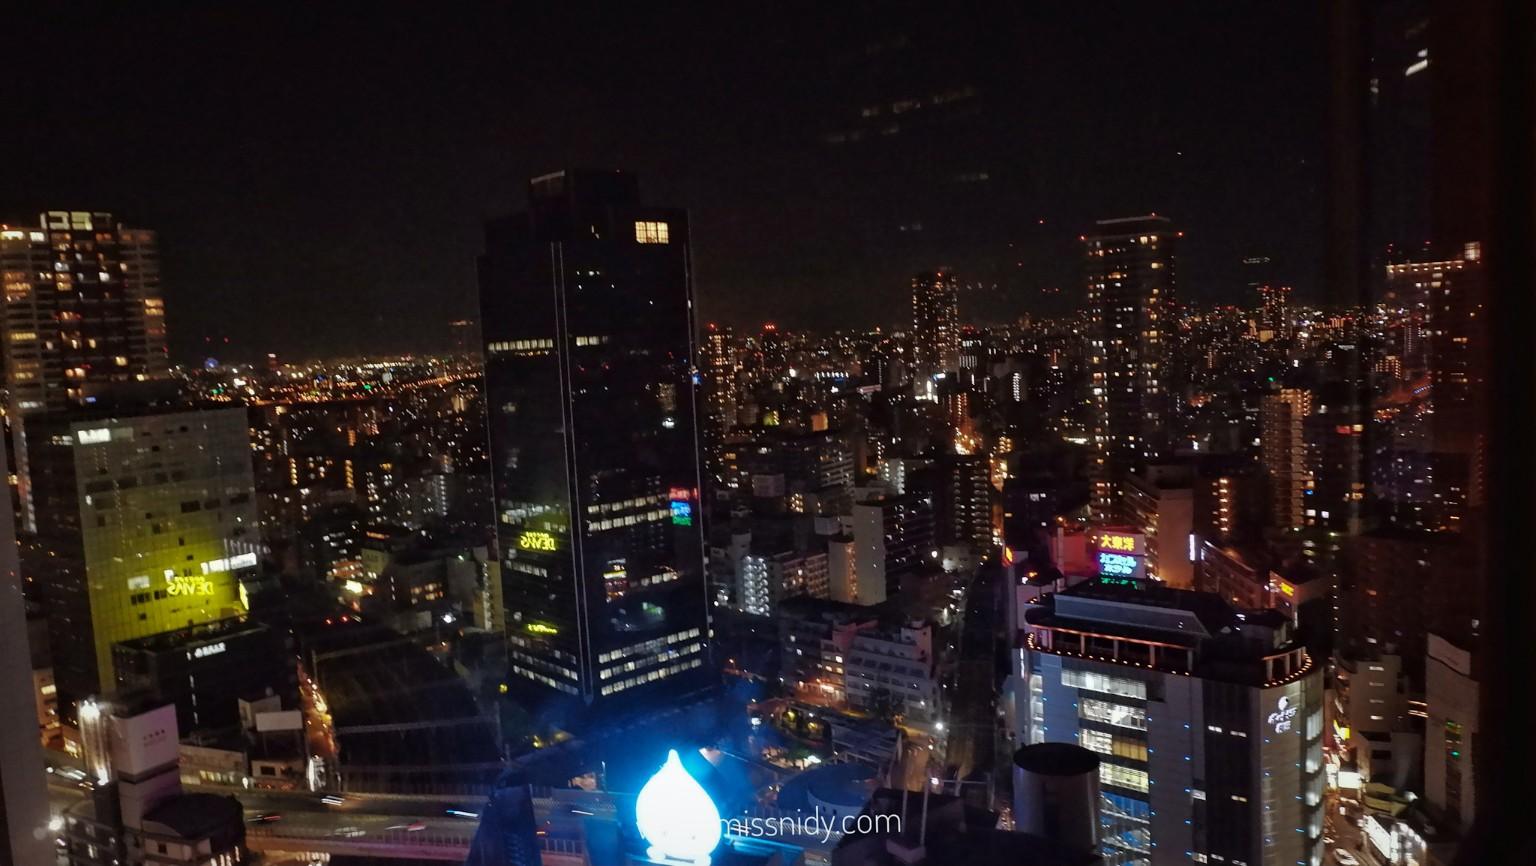 osaka citylight